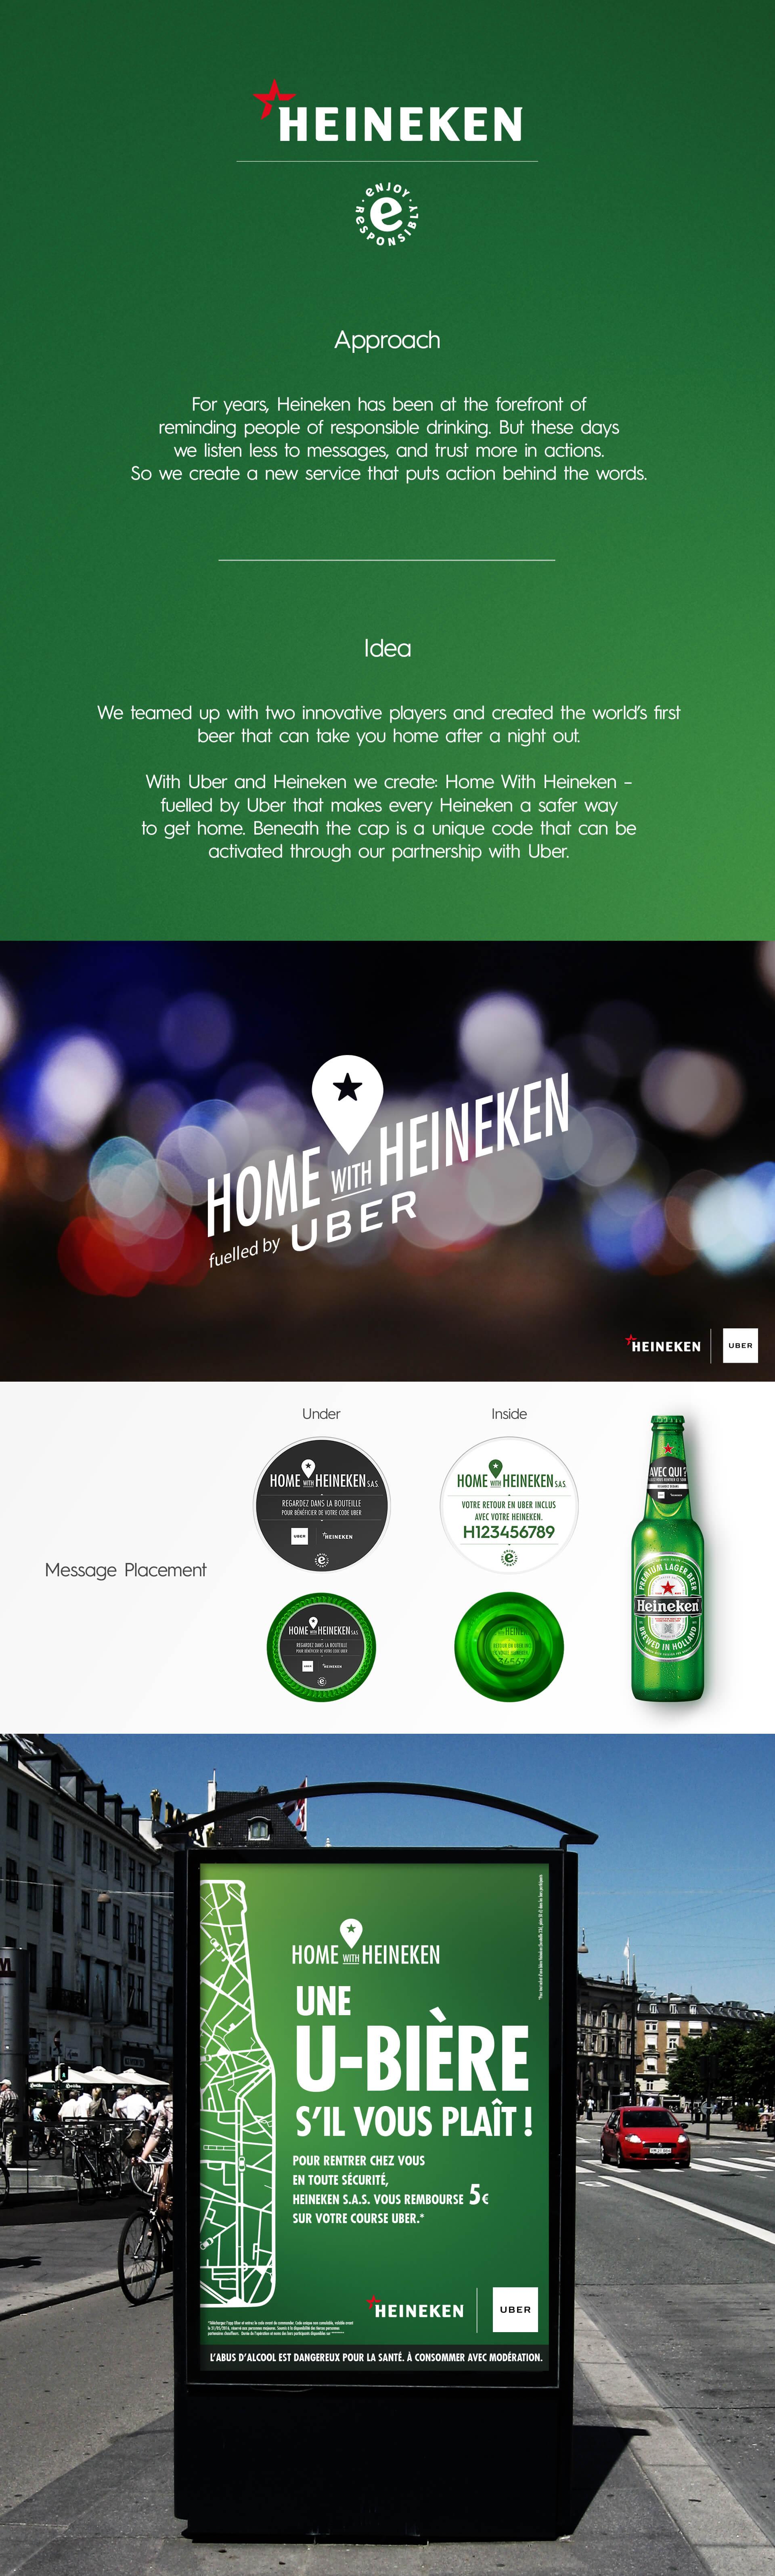 Heineken x Uber Pres_portfolio